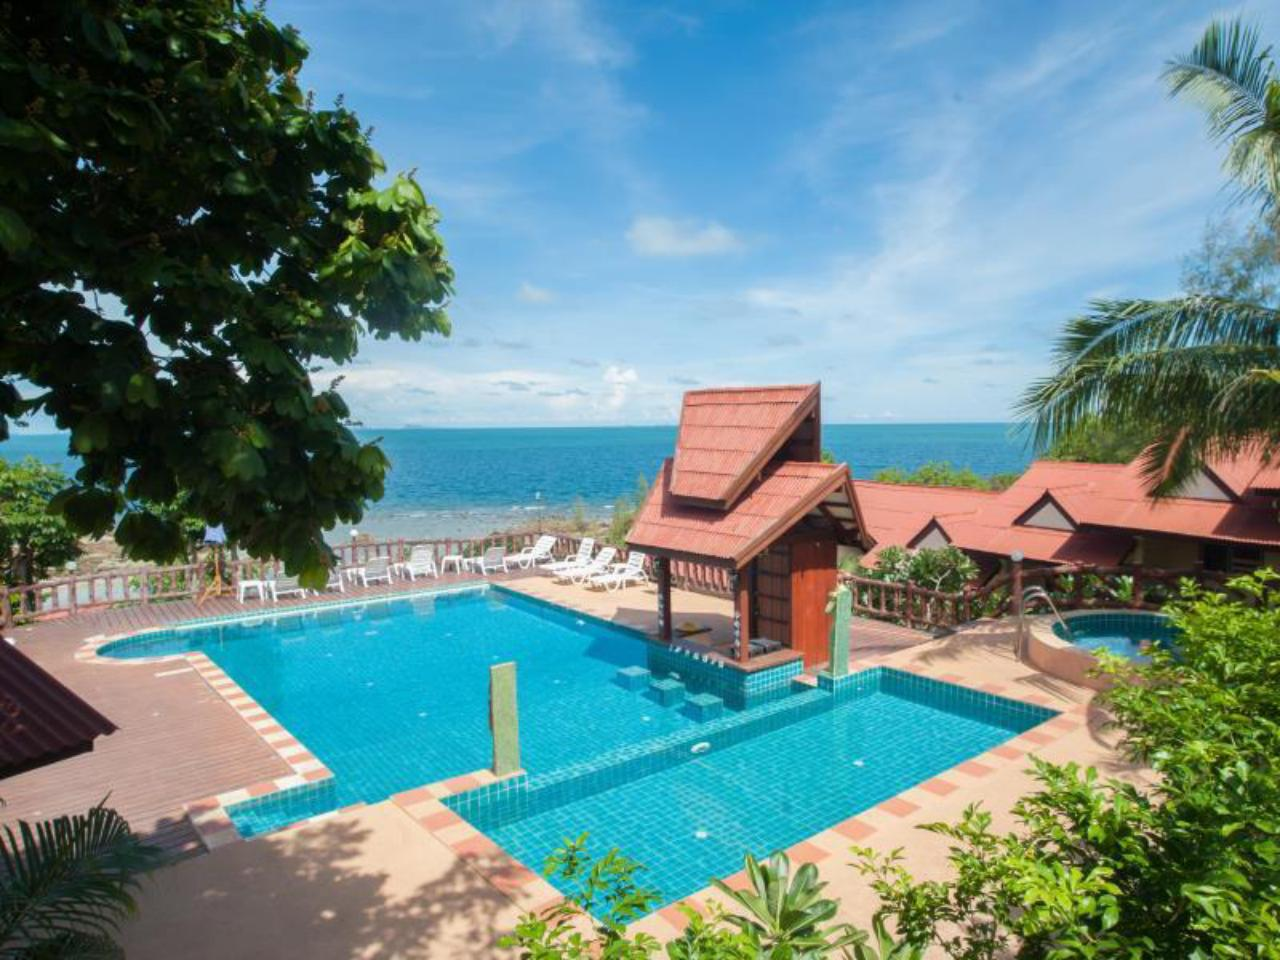 นิรมล ซันวิว รีสอร์ท (Niramon Sunview Resort)